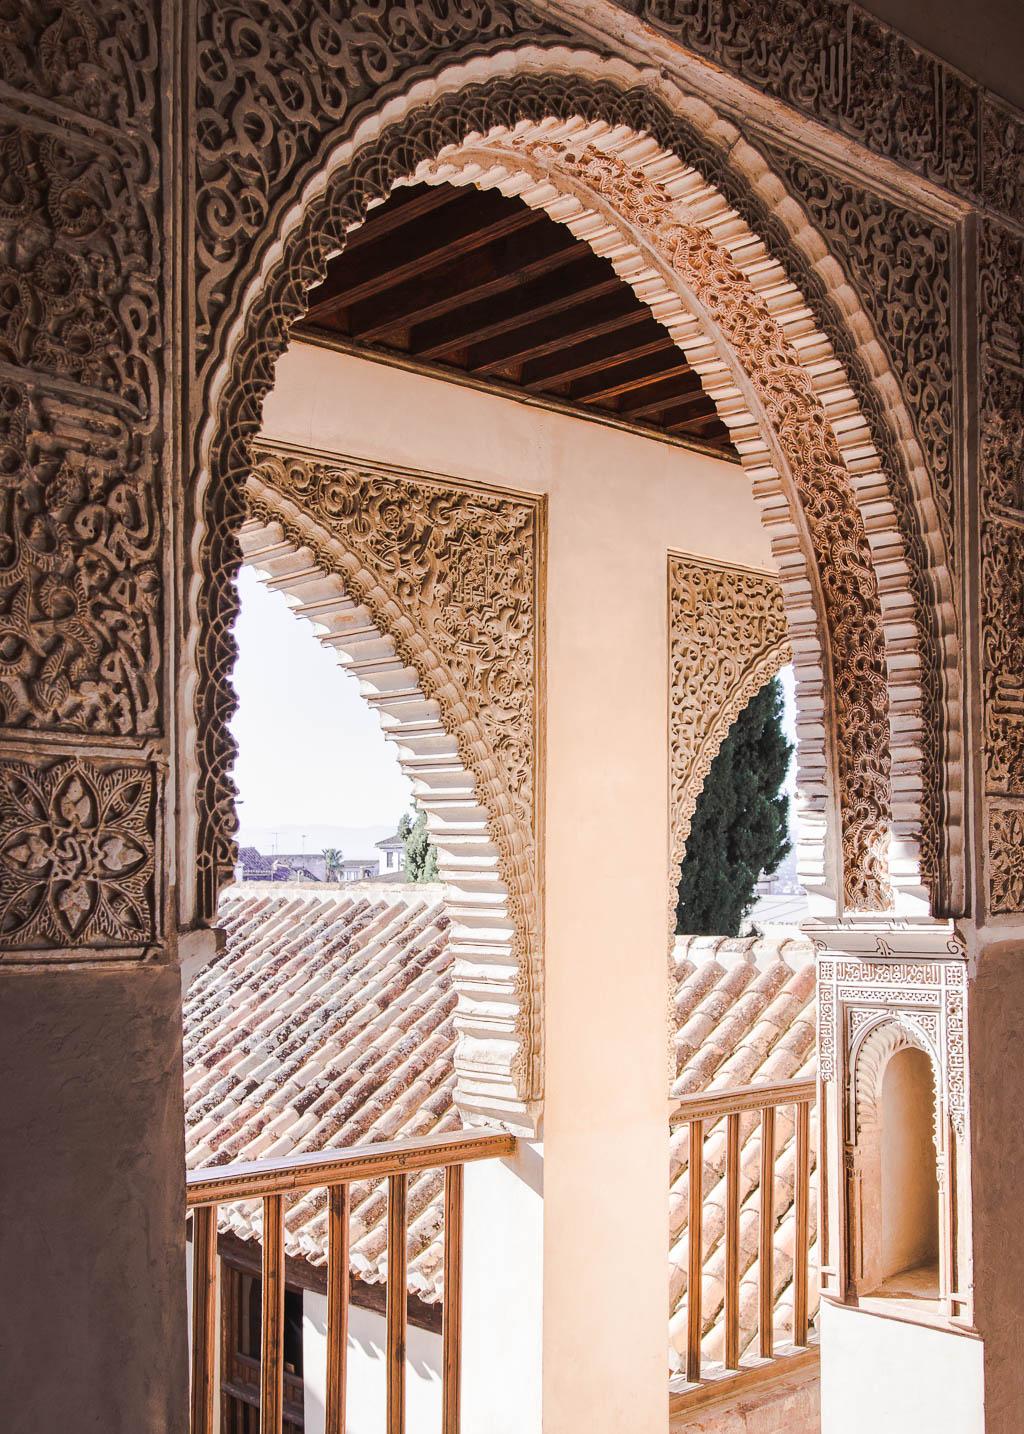 Arch in Palacio de Dar al-Horra in Granada, Spain